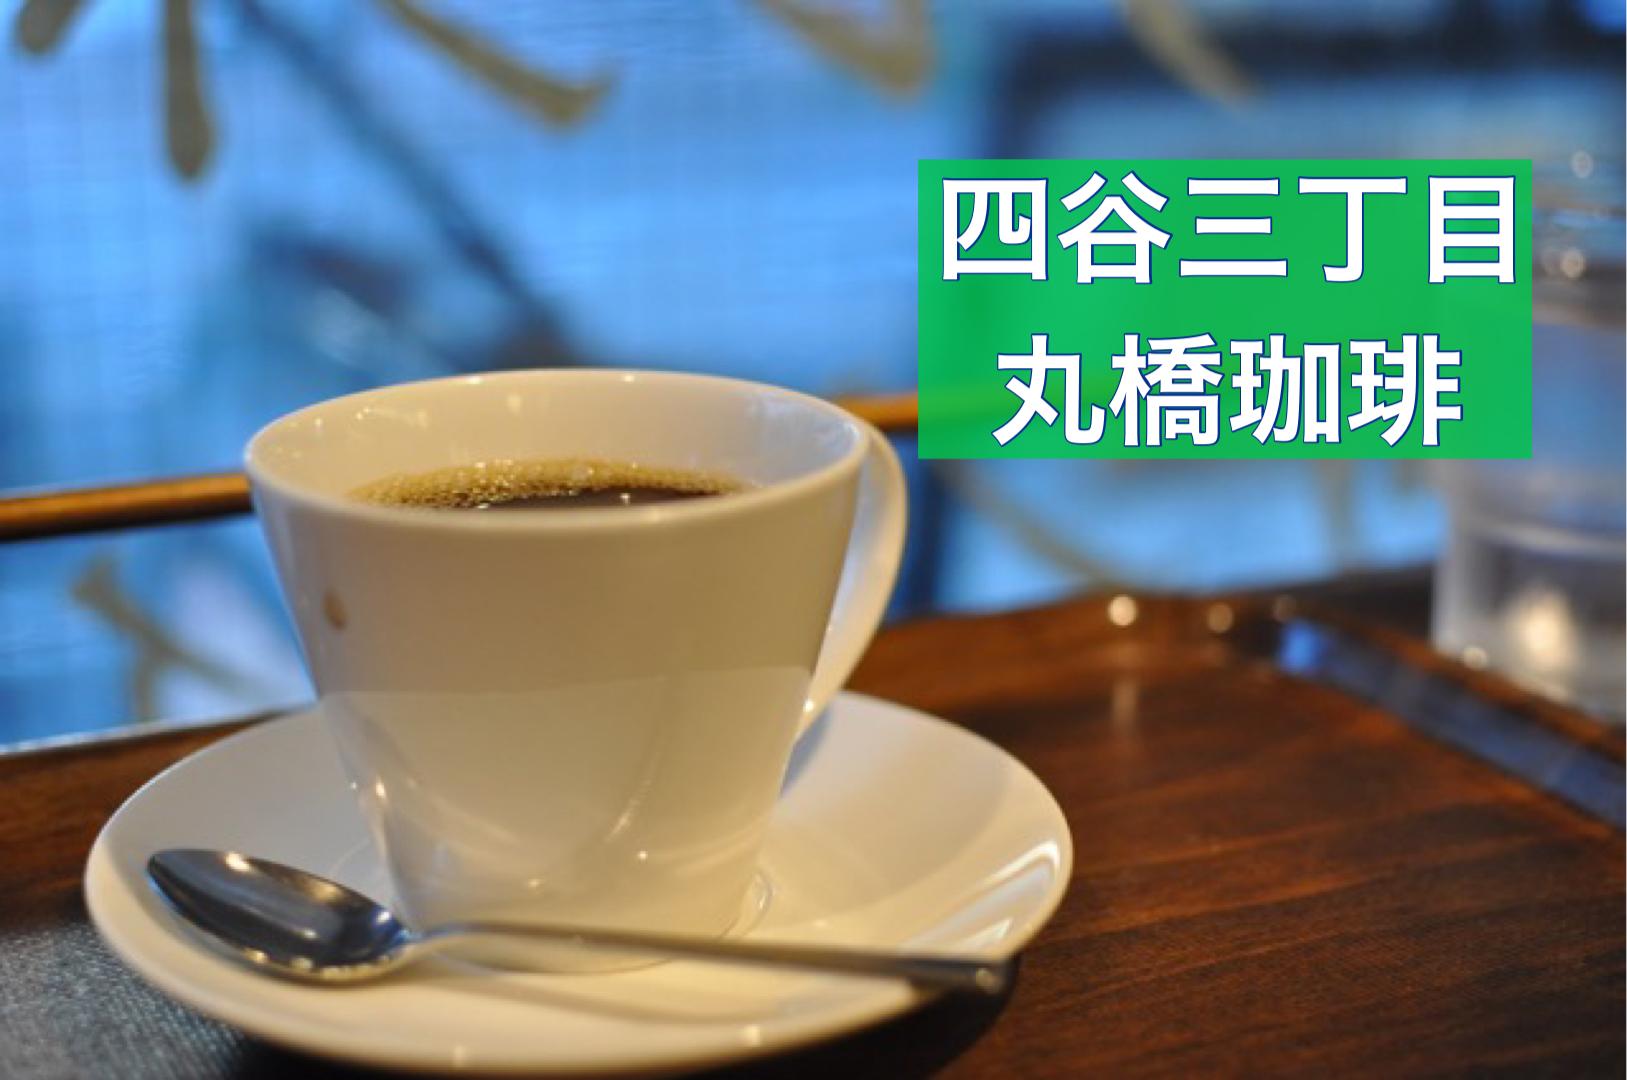 四谷三丁目 丸橋珈琲